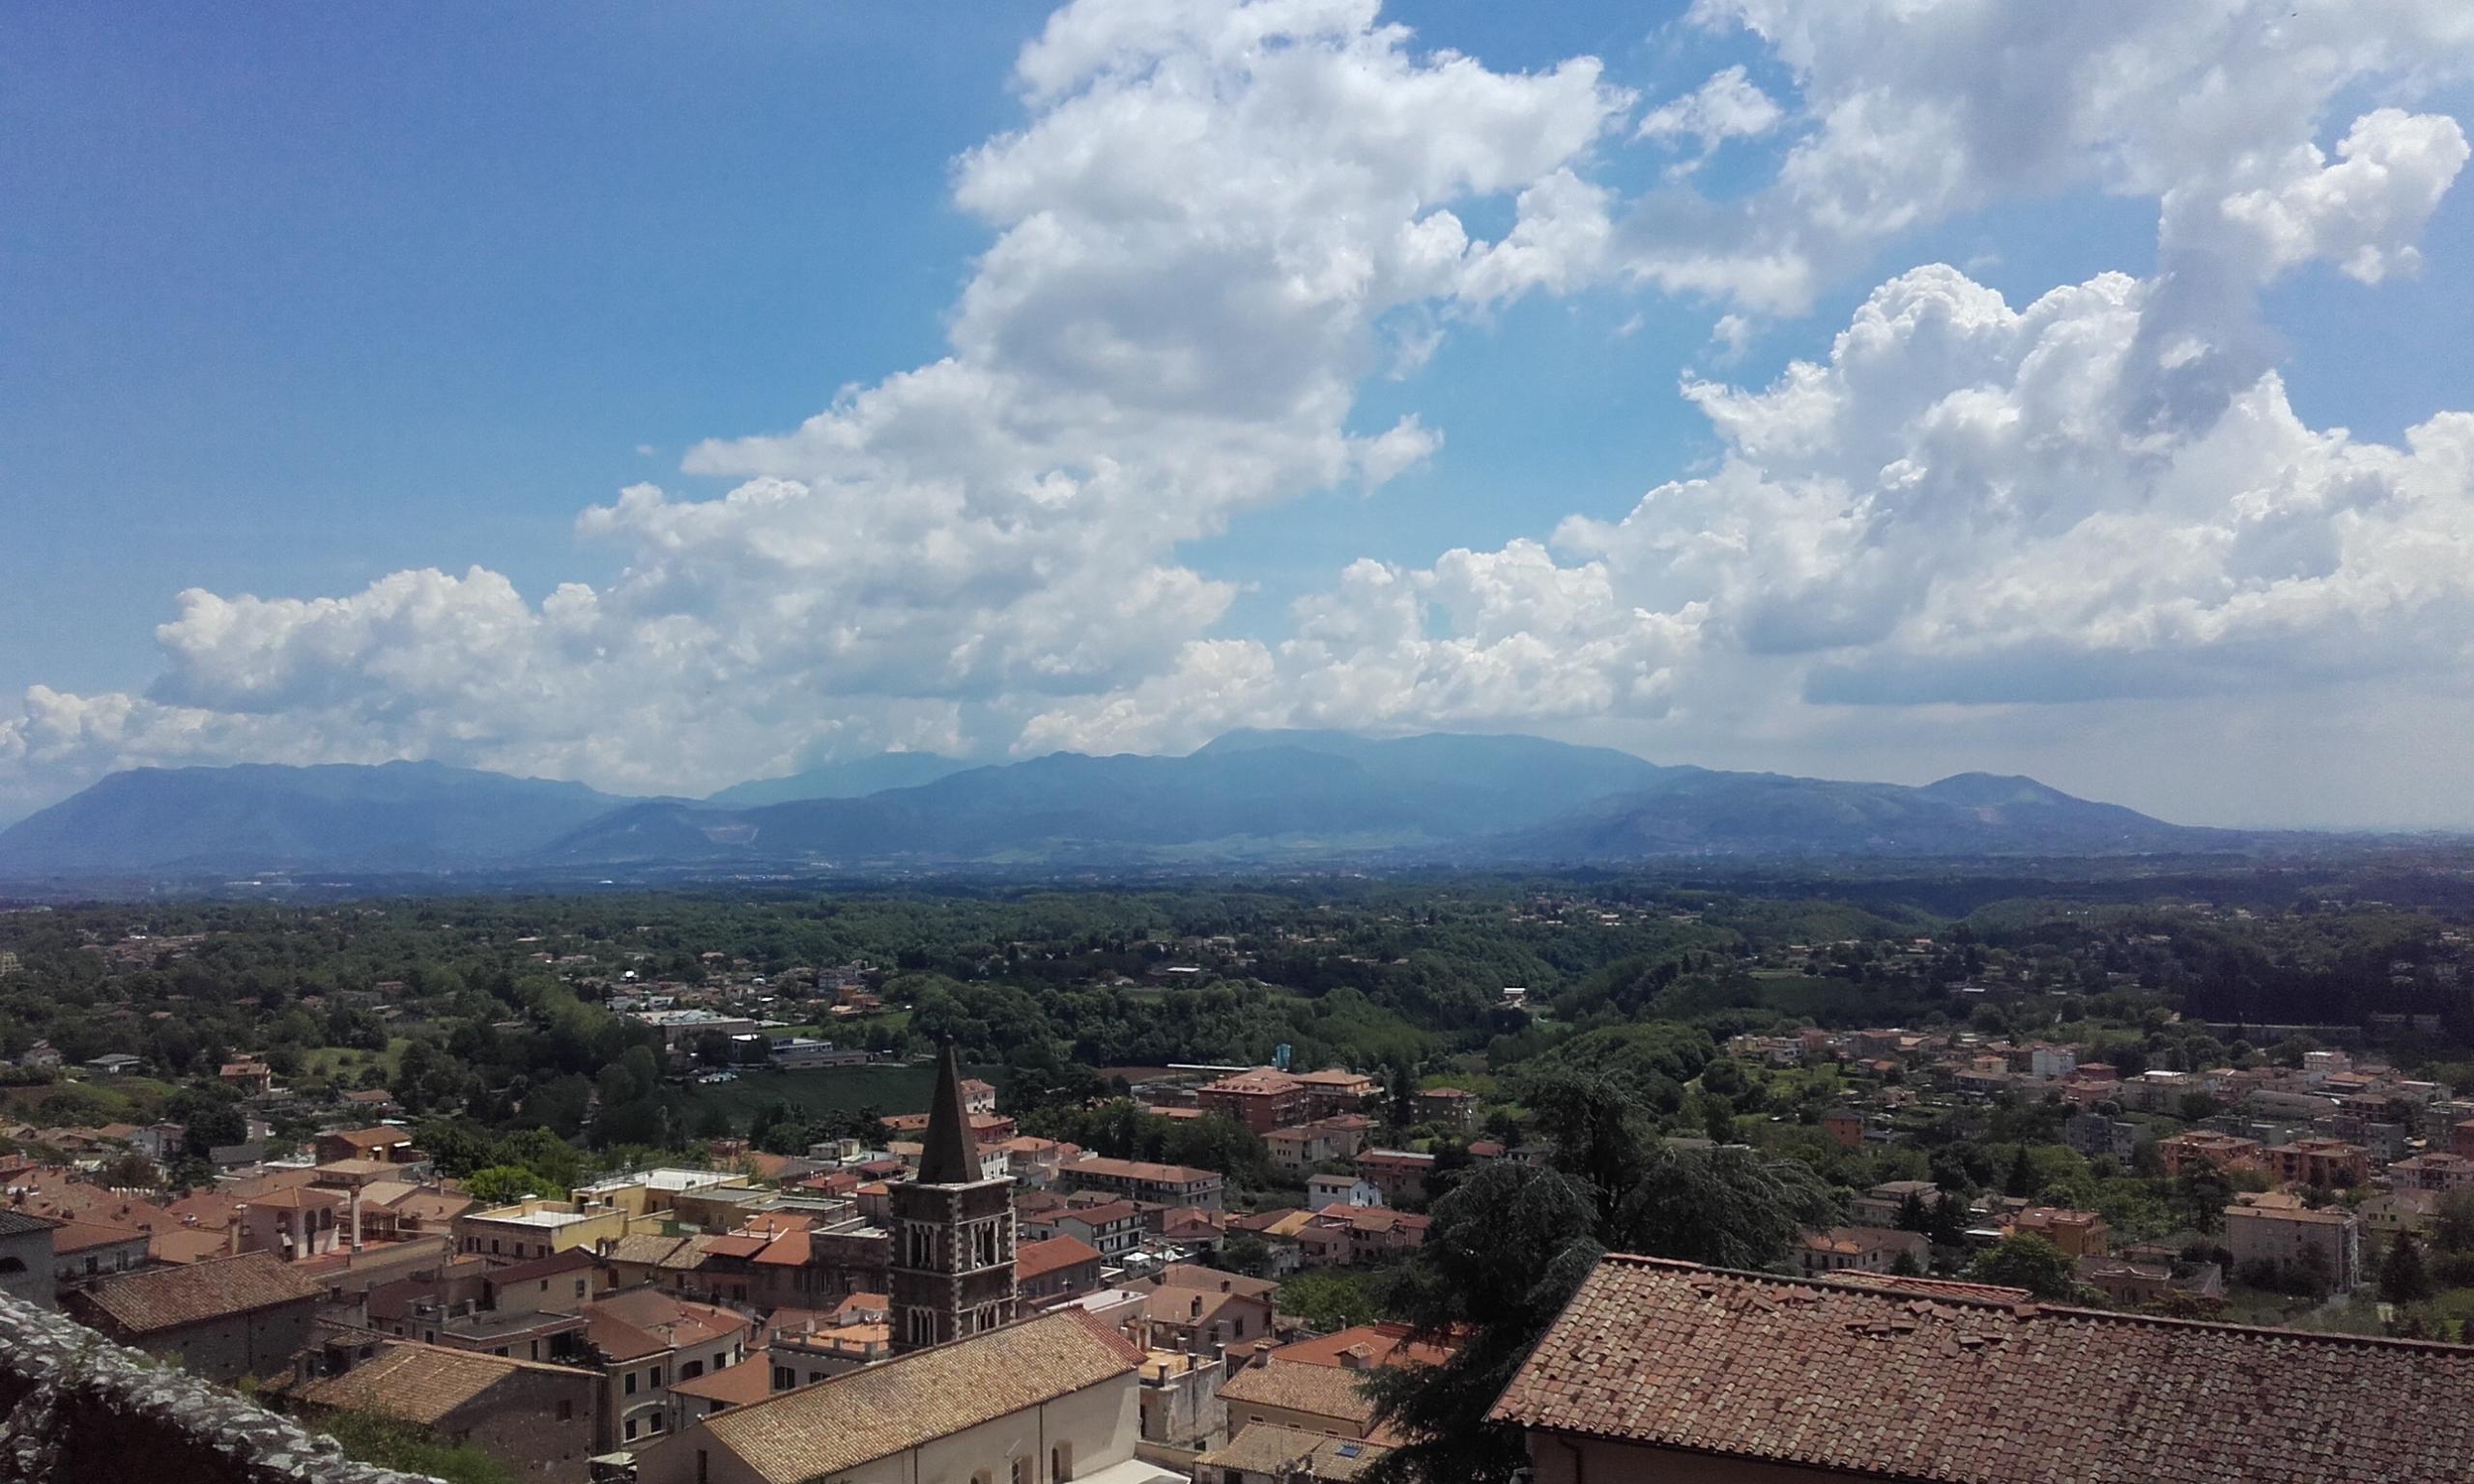 Vistas del valle desde el mirador